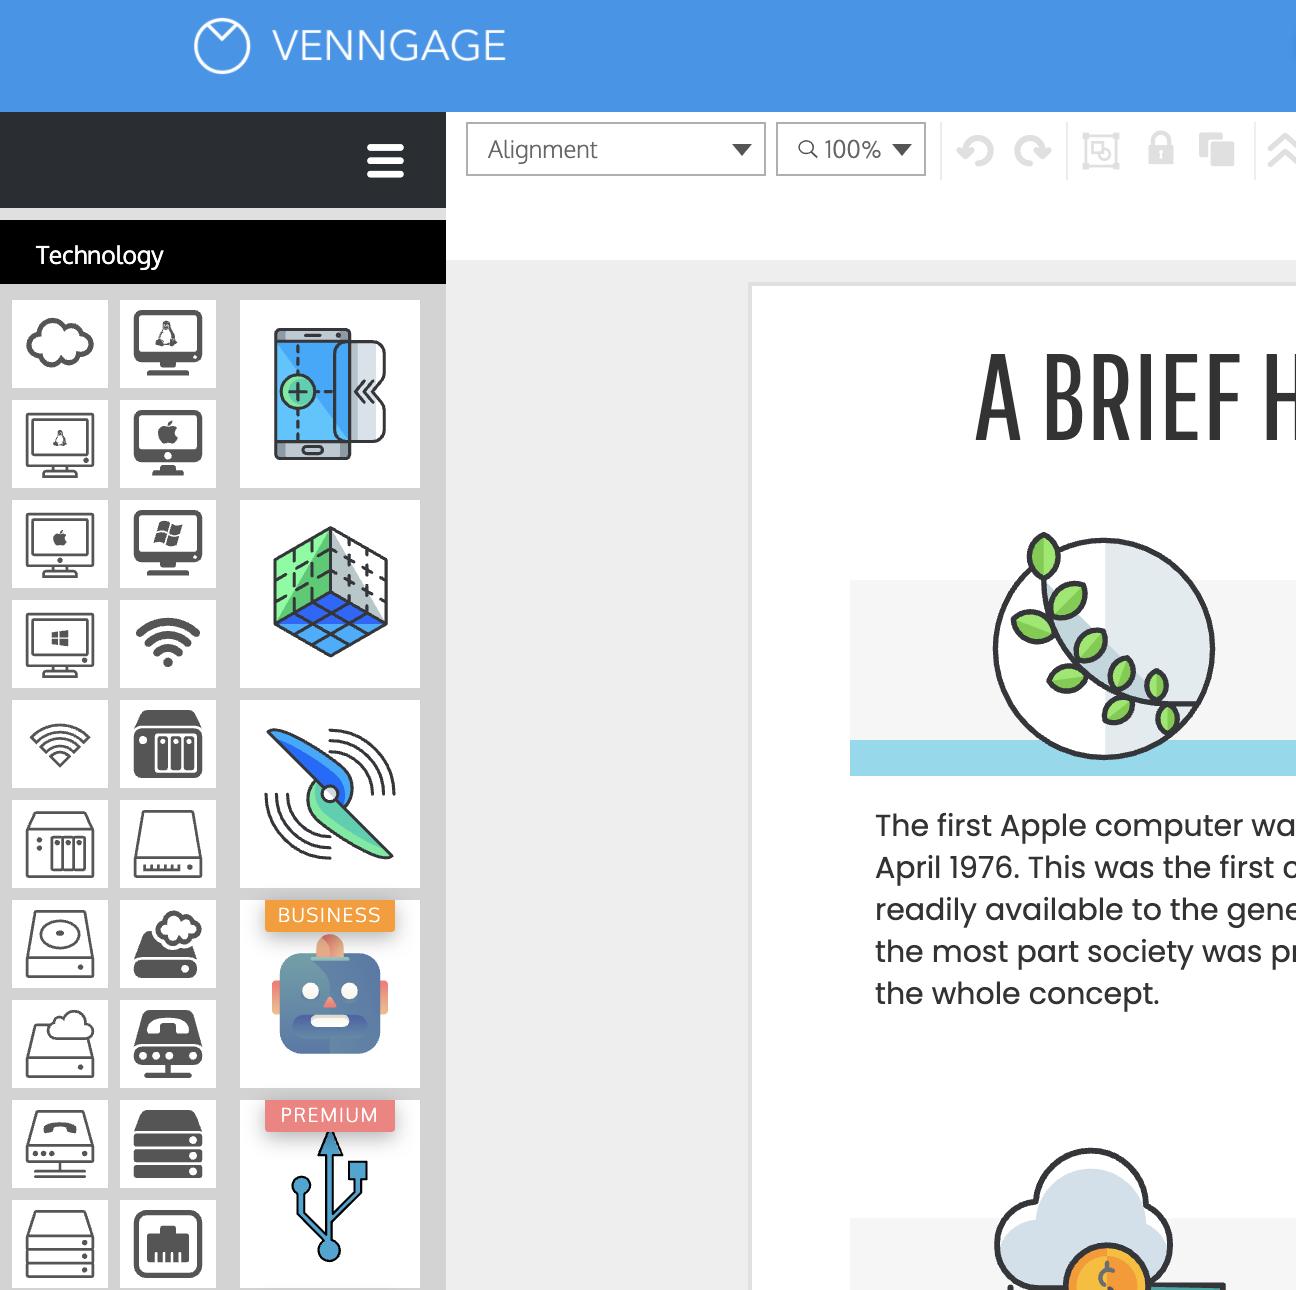 Venngage vs Visme Venngage Premium Icons